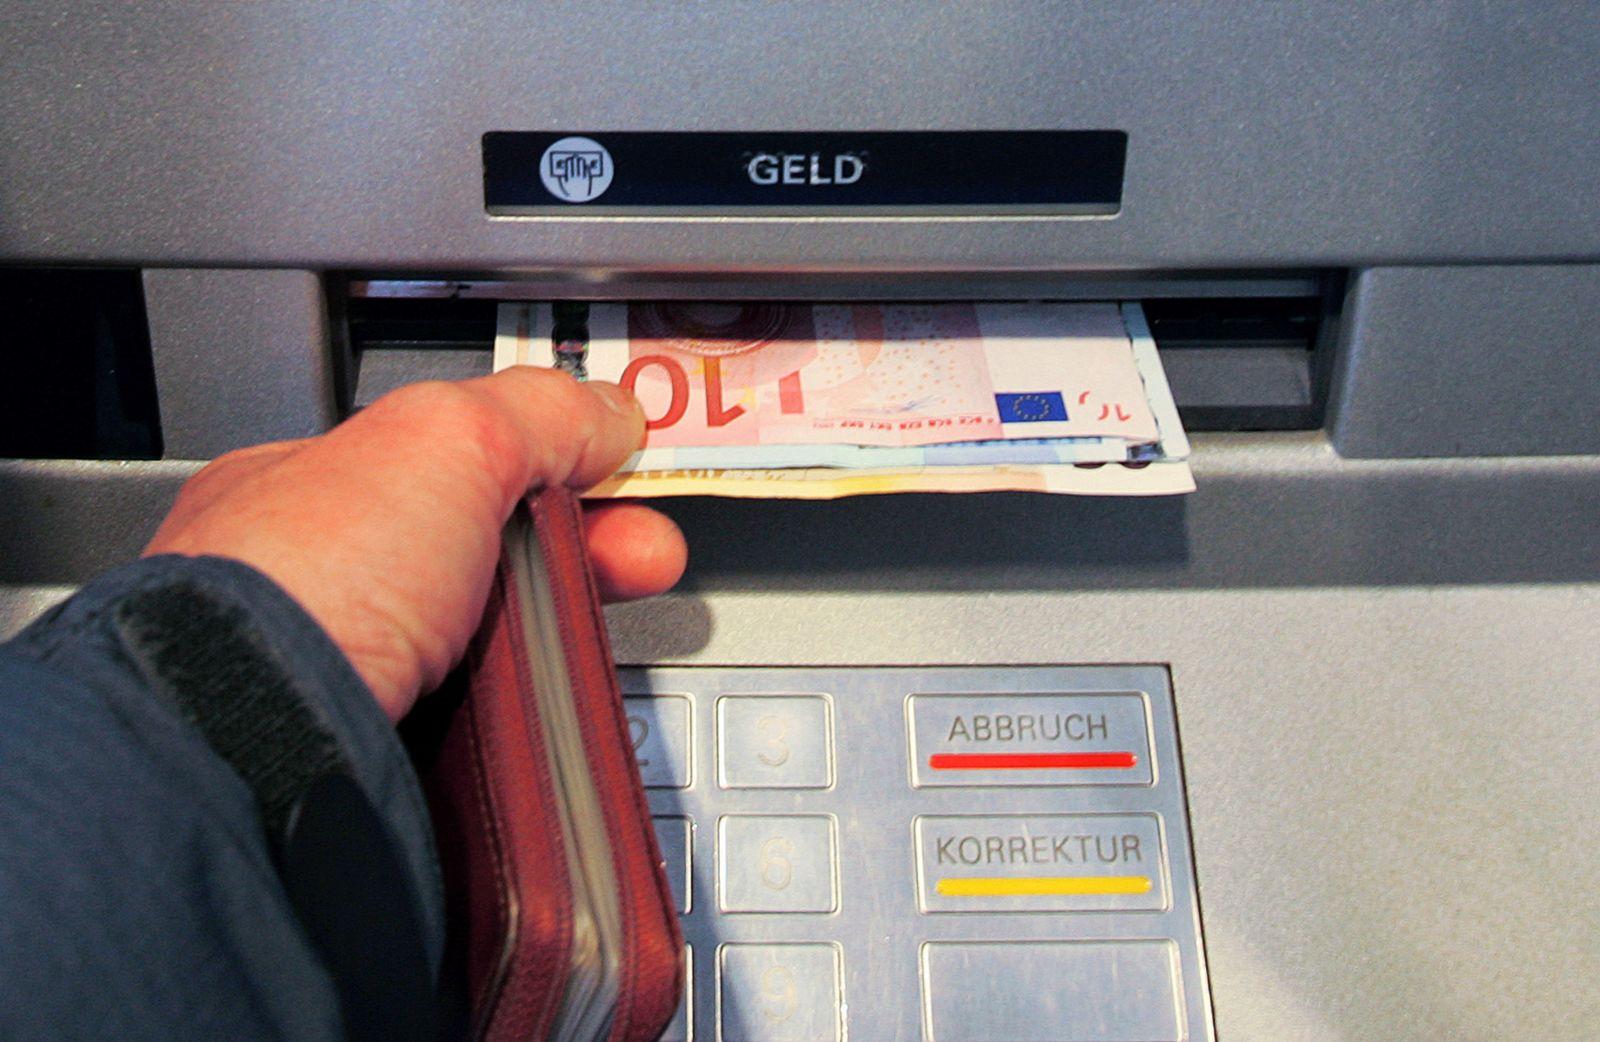 Geldautomat/ Girokonto für jeden